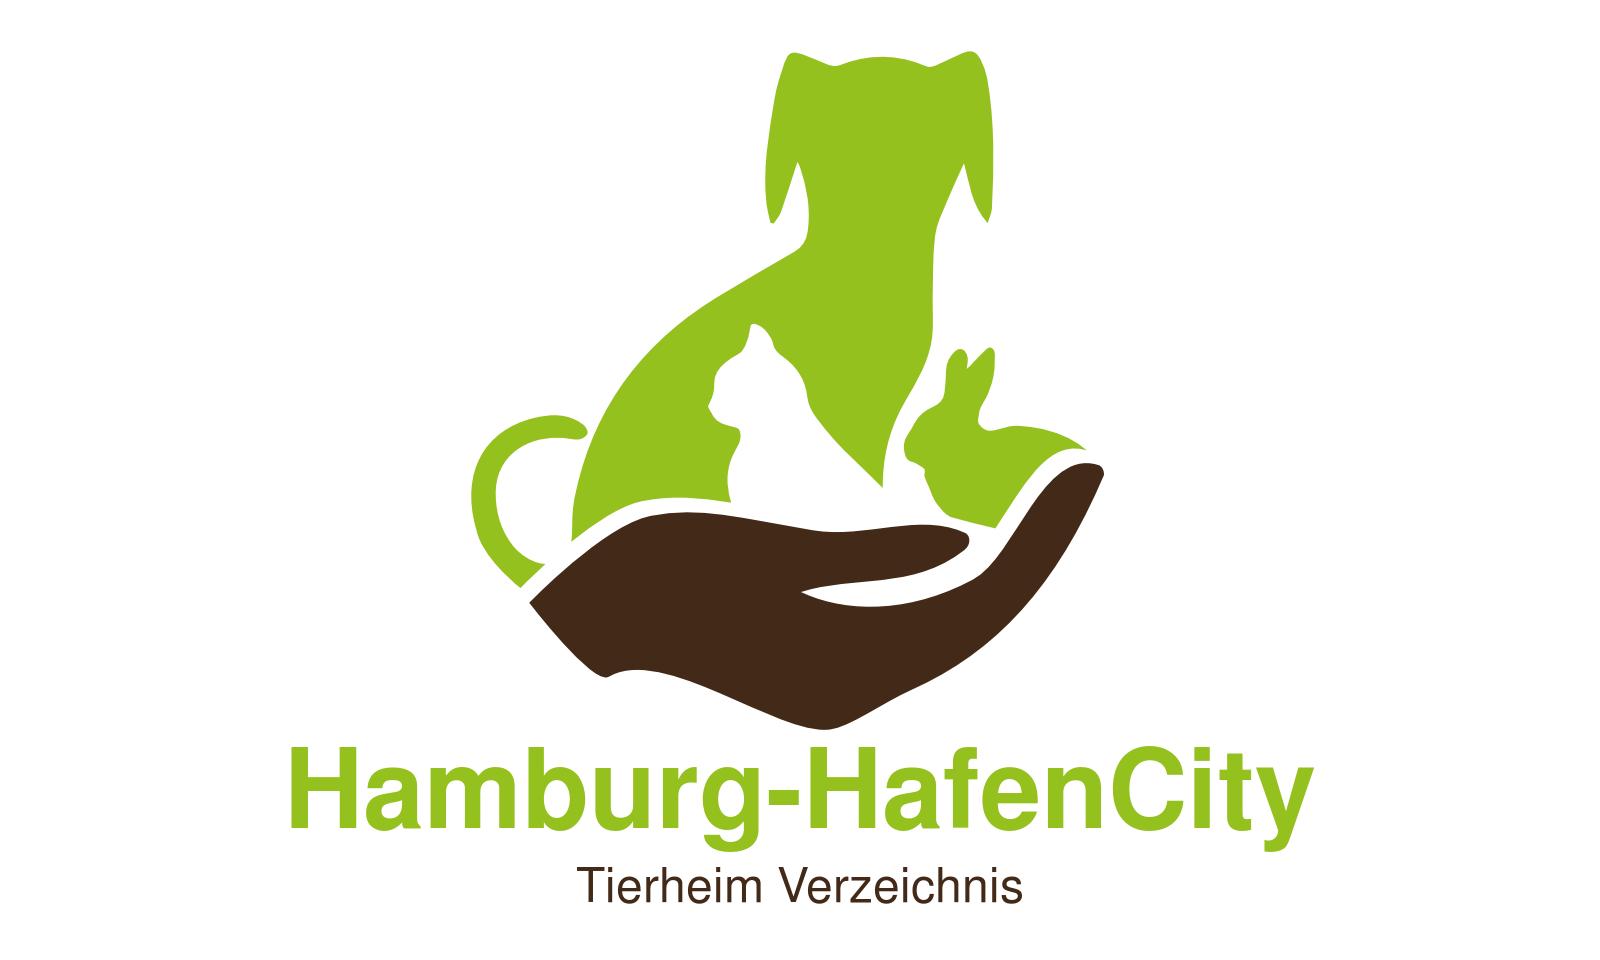 Tierheim Hamburg HafenCity